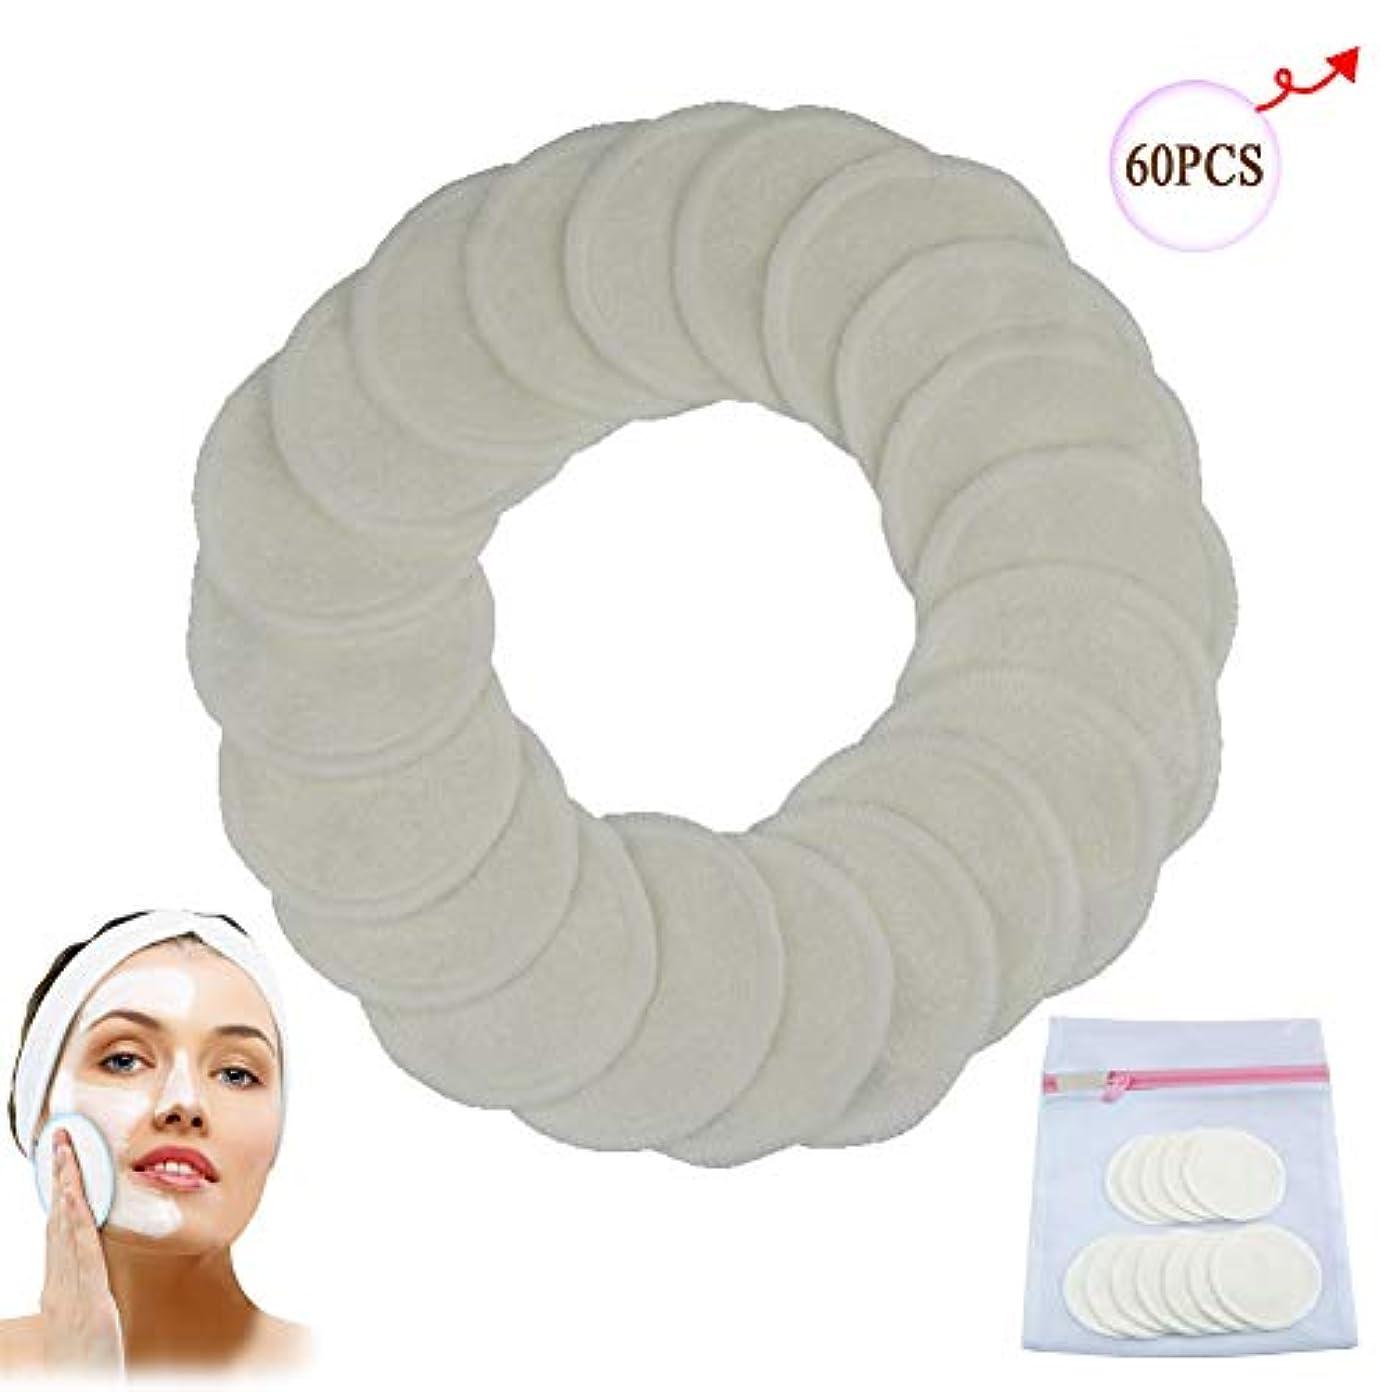 遺体安置所指標支配的リムーバーパッド、再利用可能な2層の竹繊維の綿パッド、洗えるワイプソフトと快適なランドリーバッグ用女性フェイス/アイ/リップ,60PCS